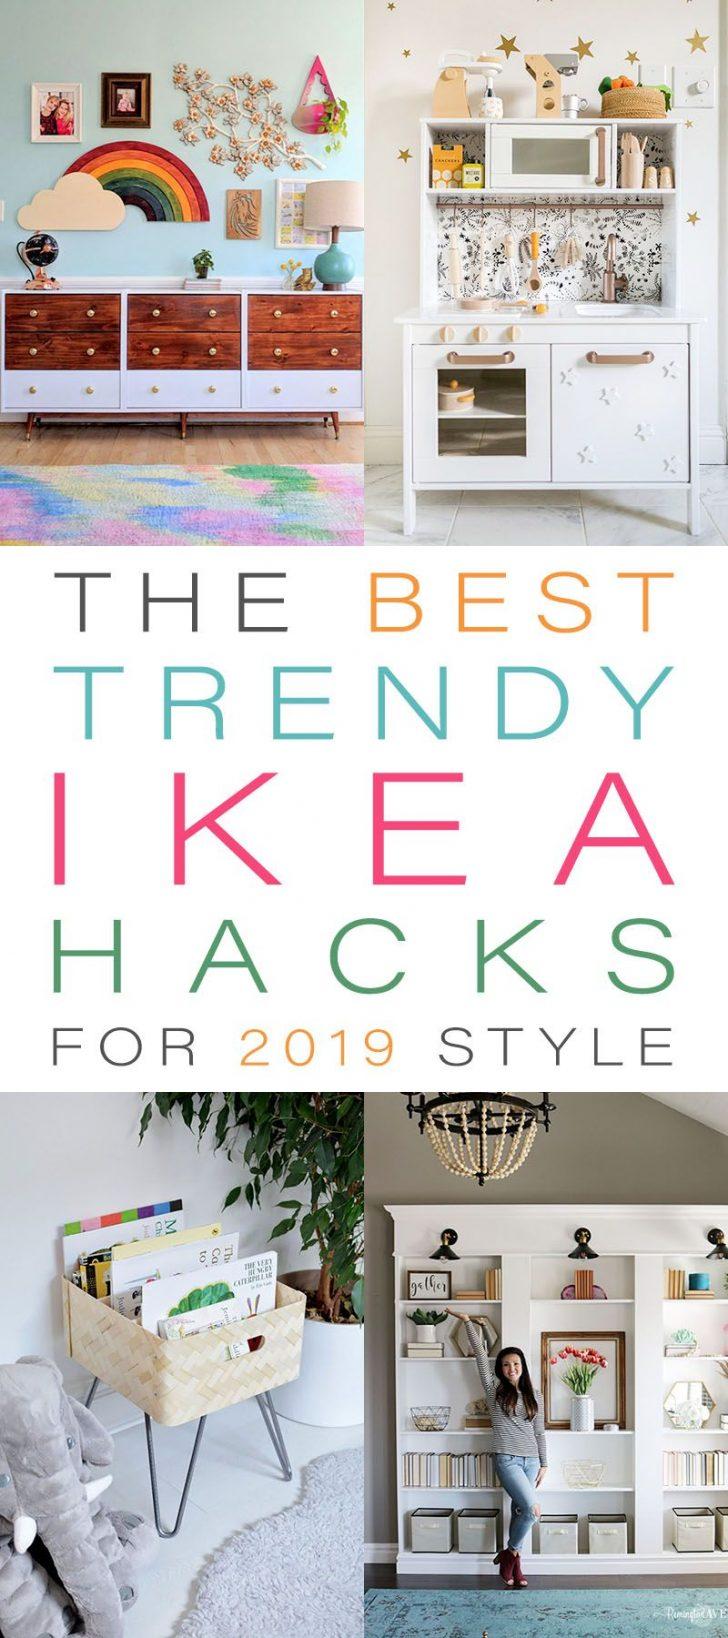 Medium Size of Ikea Hacks The Best Trendy For 2019 Style Furniture Küche Kosten Miniküche Betten Bei Kaufen 160x200 Modulküche Sofa Mit Schlaffunktion Wohnzimmer Ikea Hacks